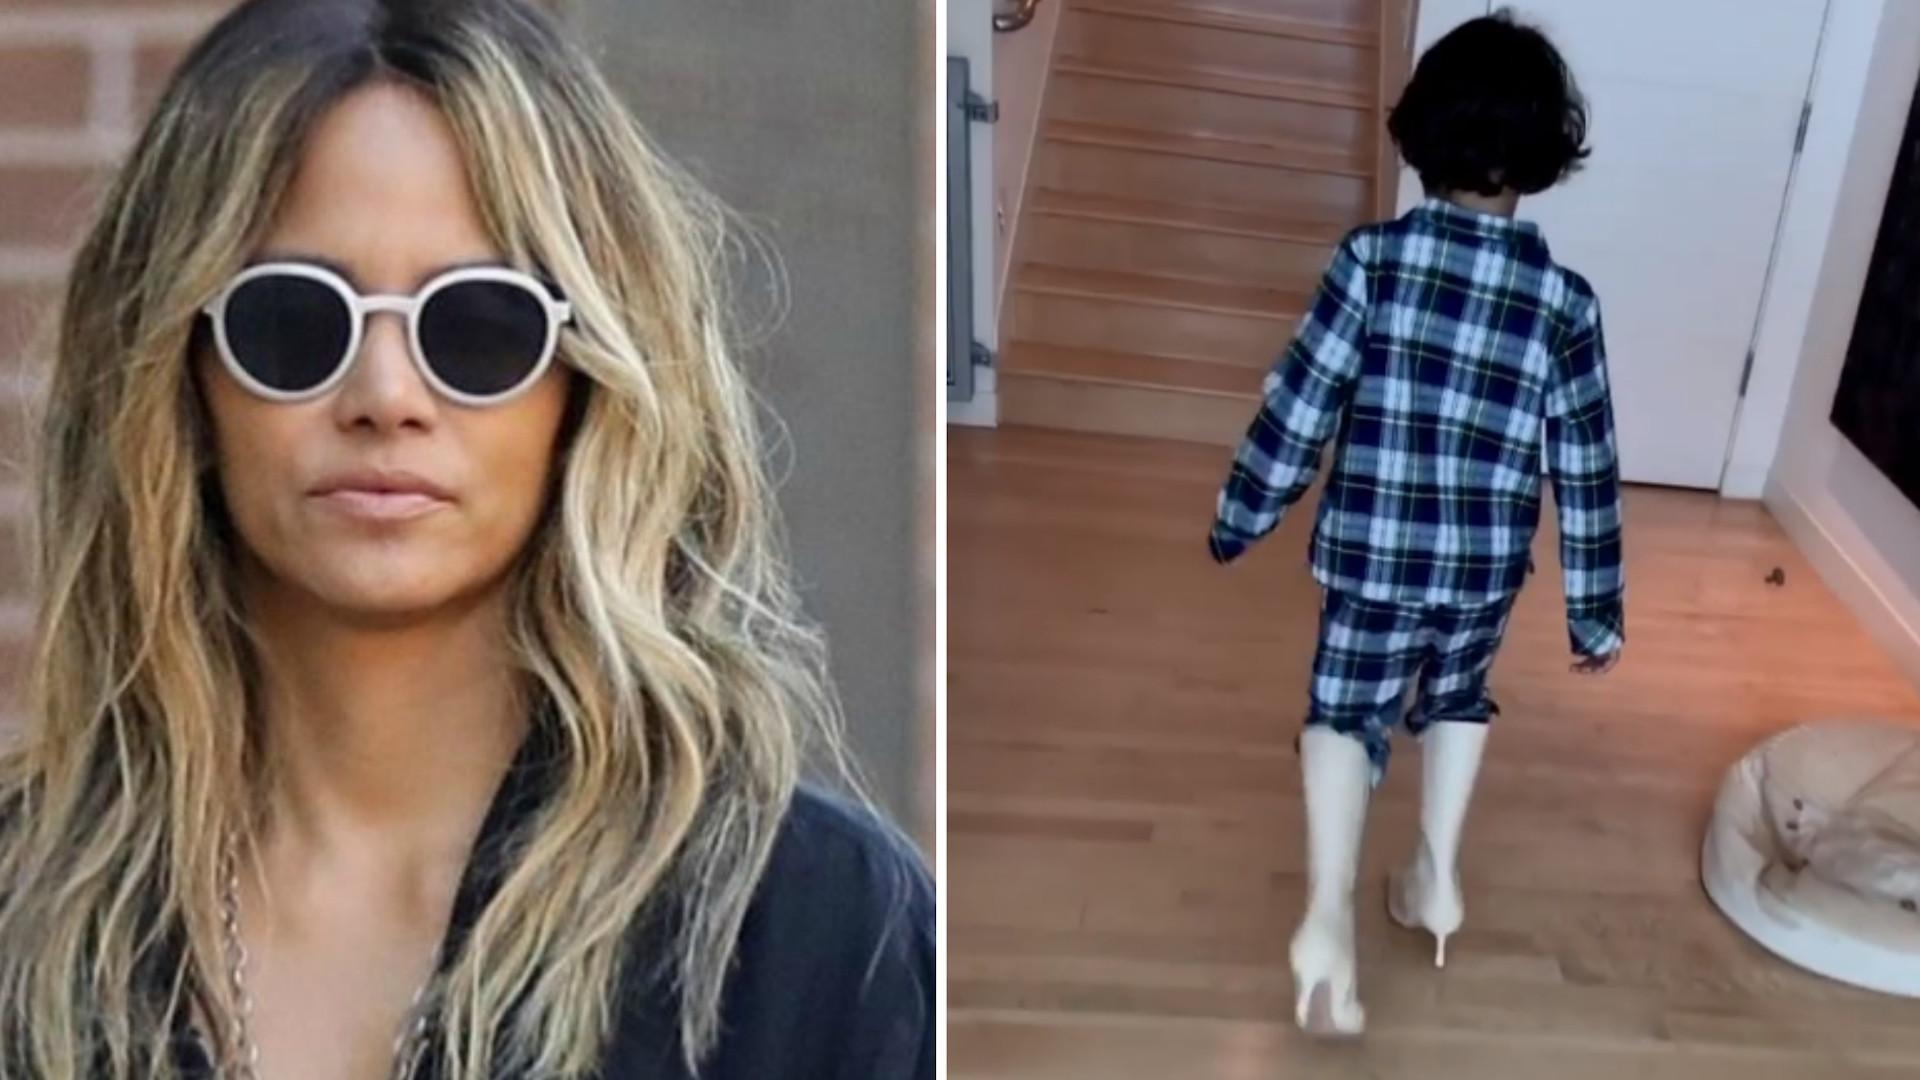 Syn Halle Berry chodzi w jej butach na obcasie. Aktorka zmierzyła się z KRYTYKĄ